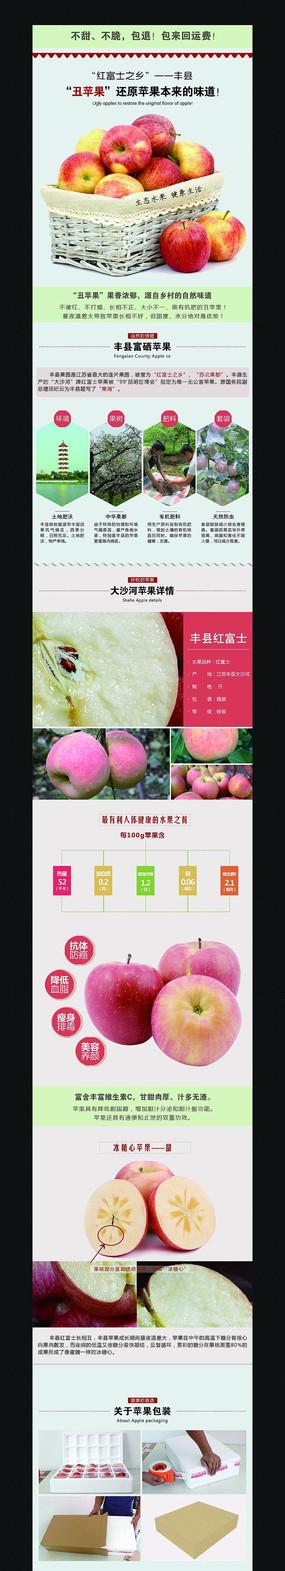 淘宝苹果详情页描述系列图 PSD